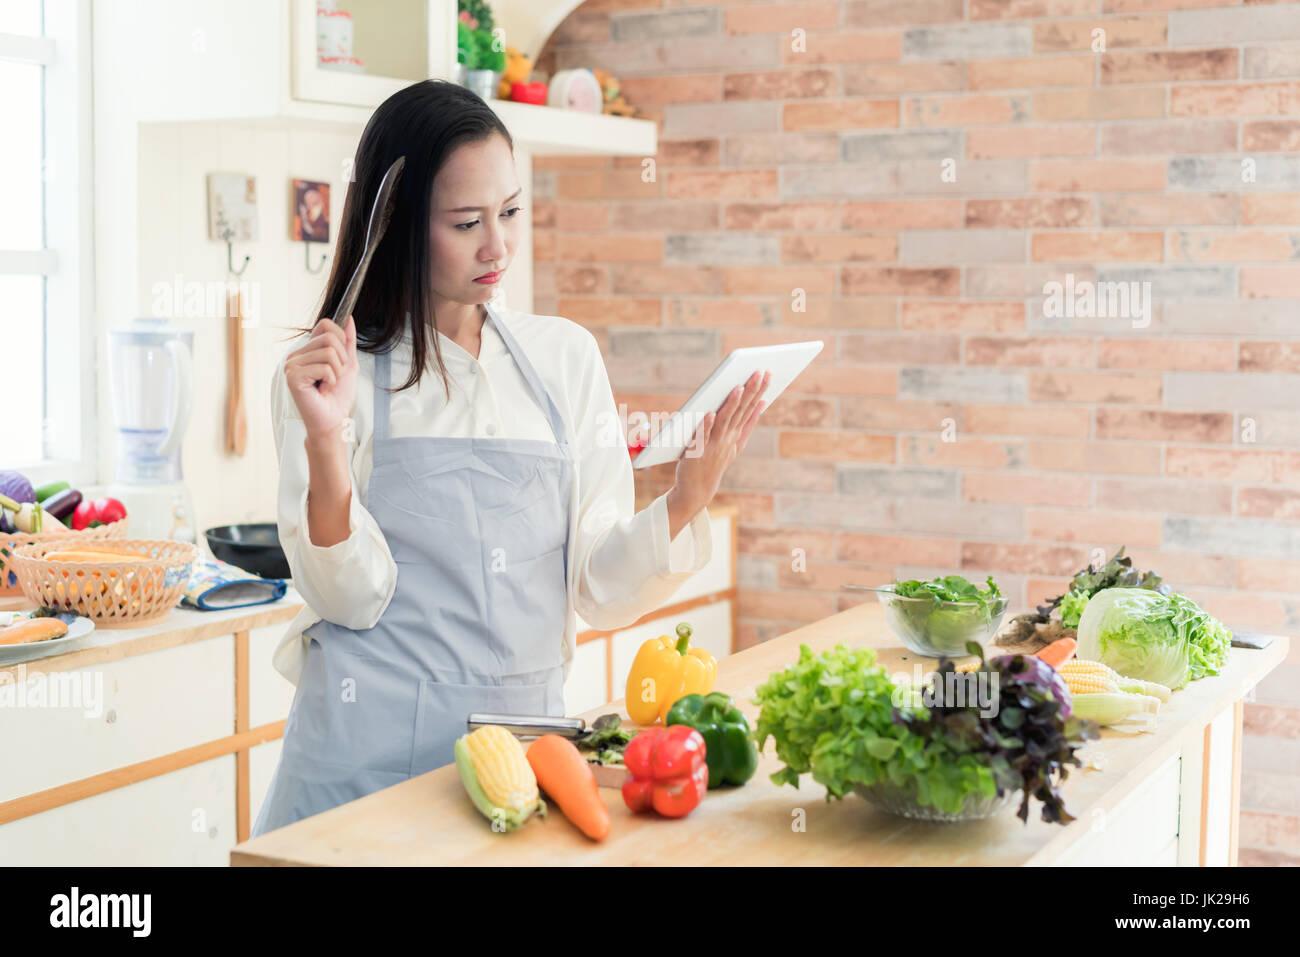 Allegro Asian giovane donna è la cucina in cucina con gioia. Ella è permanente e la holding digitale compressa Immagini Stock